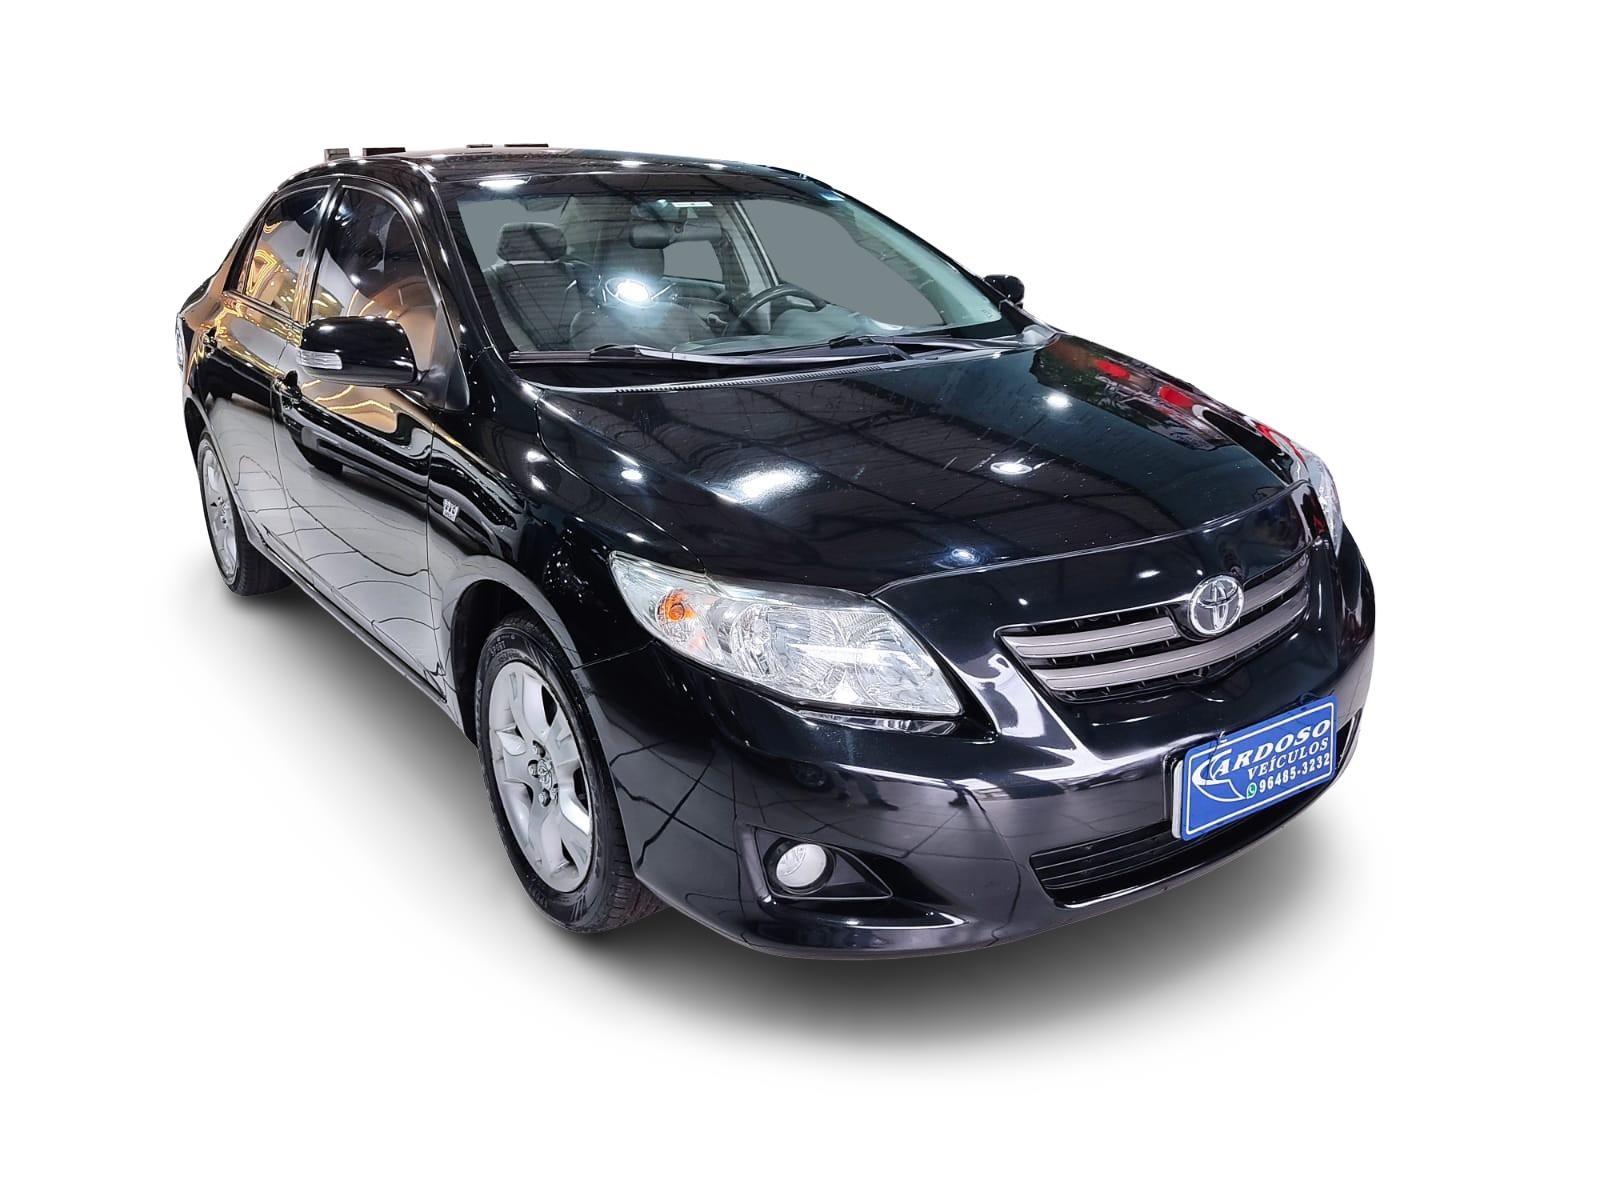 //www.autoline.com.br/carro/toyota/corolla-18-xei-16v-flex-4p-automatico/2009/carapicuiba-sp/15171207